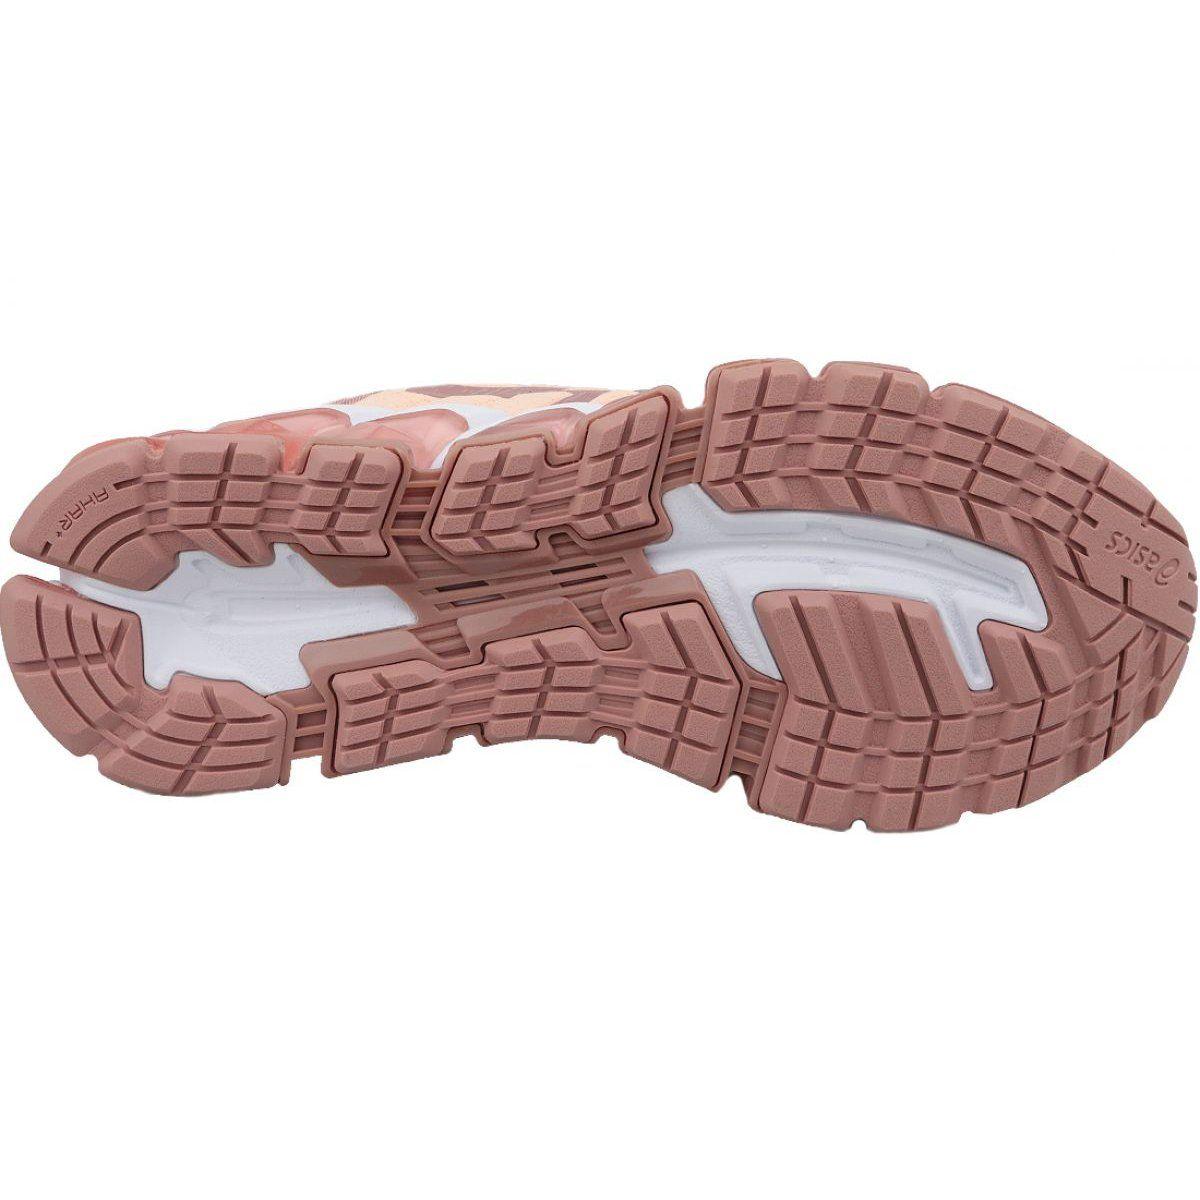 Buty Biegowe Asics Gel Quantum 360 5 W 1022a104 700 Rozowe Asics Running Shoes Asics Gel Asics